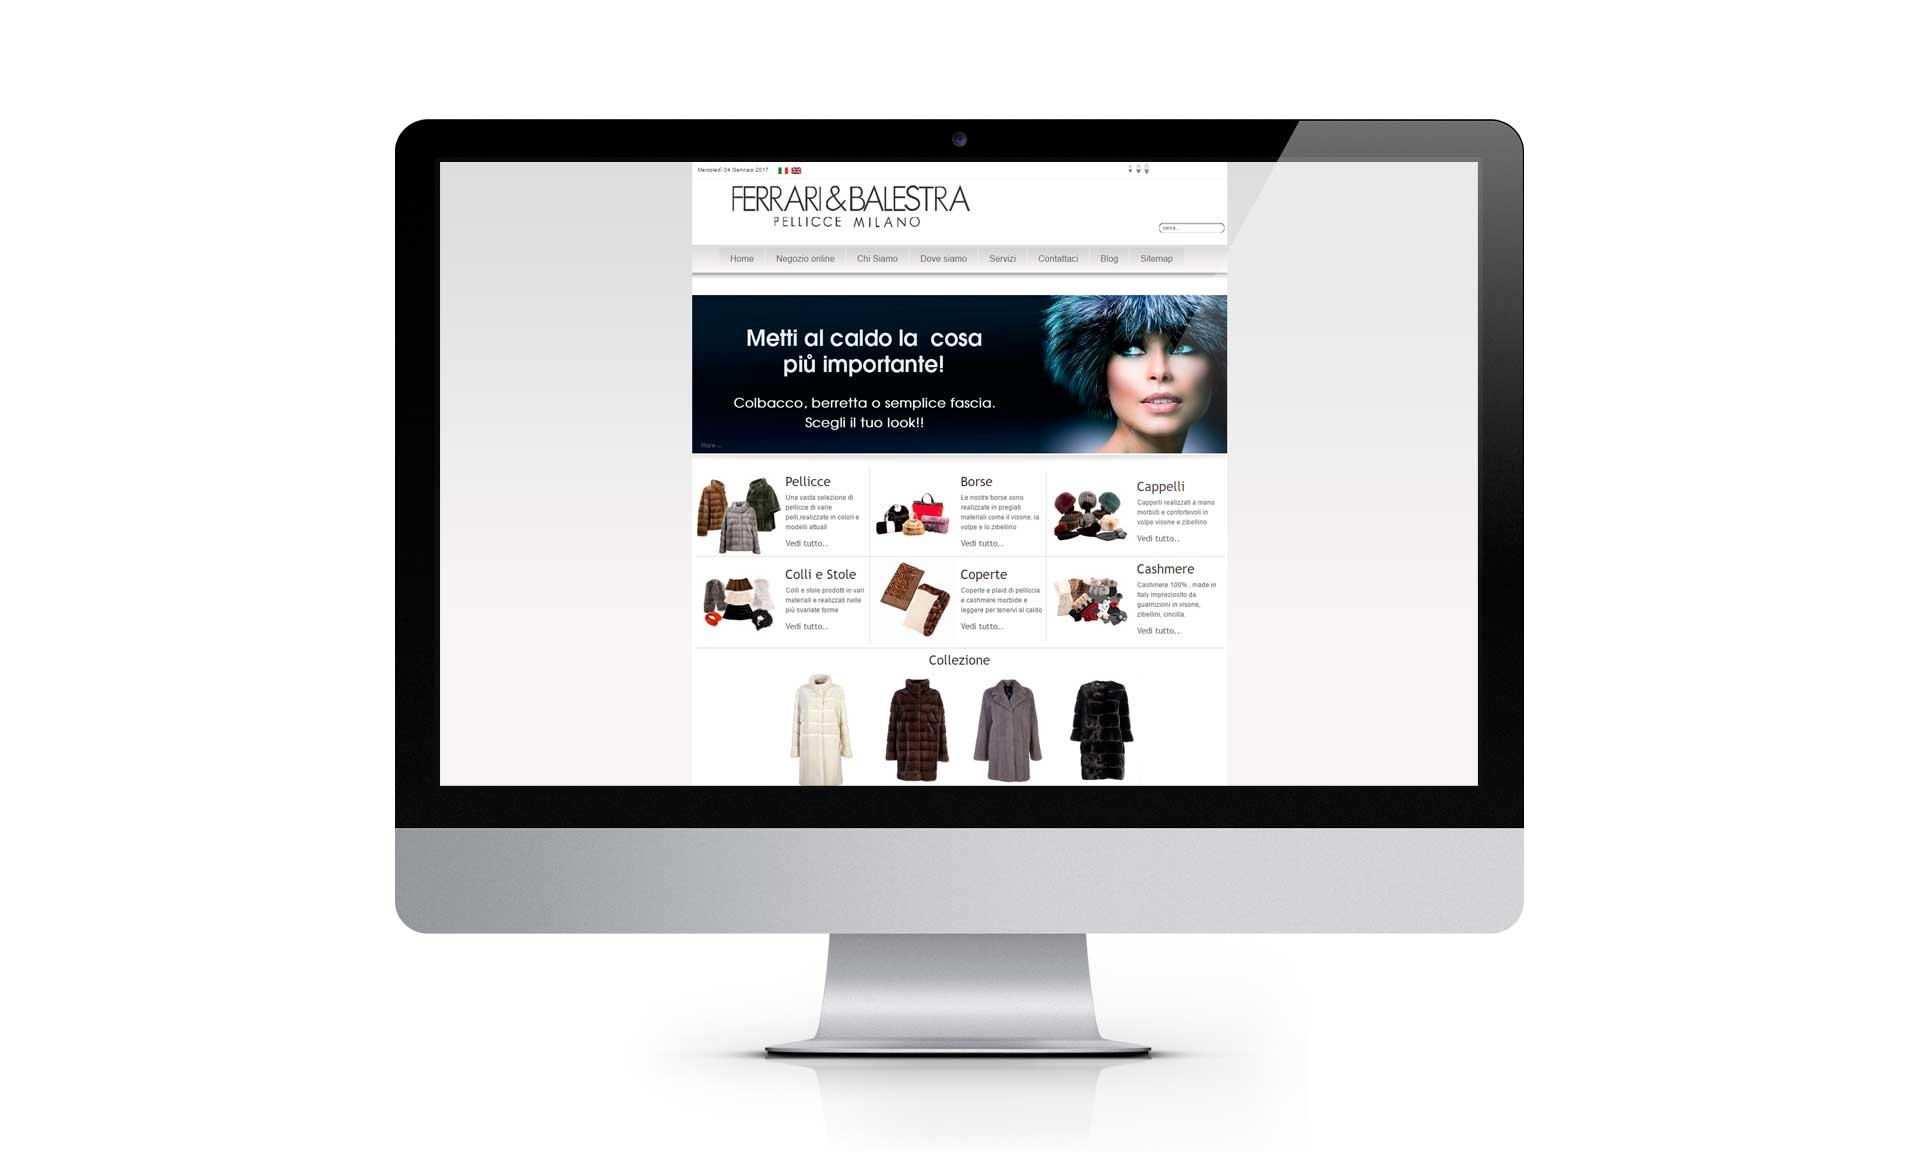 Realizzazione e-commerce ferrariebalestrapellicceria.it